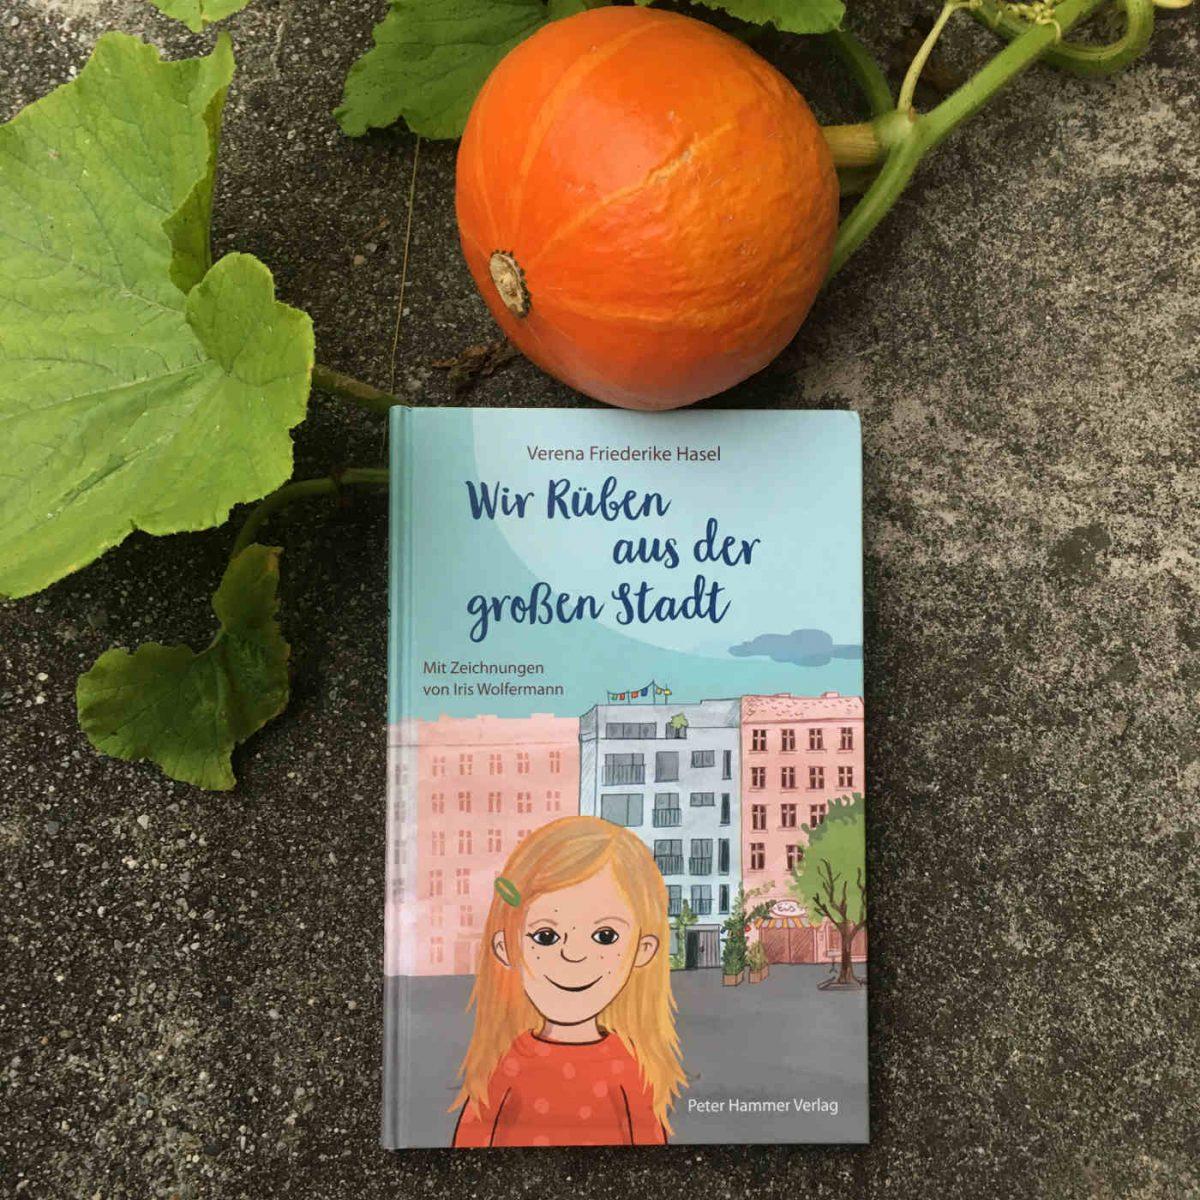 Verena Friederike Hasel und Iris Wolfermann: Wir Rüben aus der großen Stadt